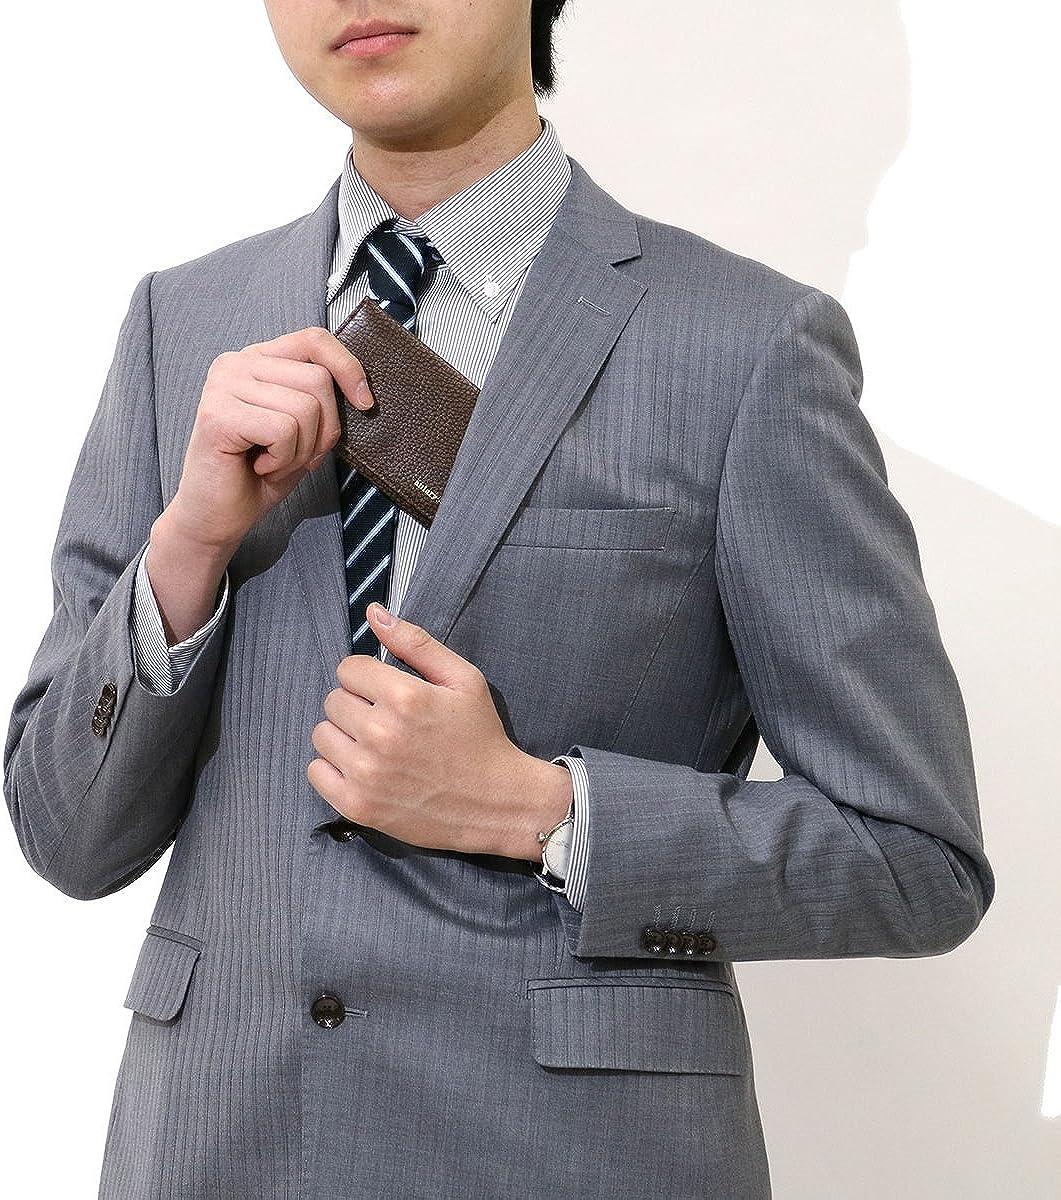 一発ネタ・大喜利系の名刺入れも確かに「自分を覚えてもらう」ためには有効かもしれませんが、紳士としてはまず、王道デザインの名刺入れを1つ用意しておきたいところ。